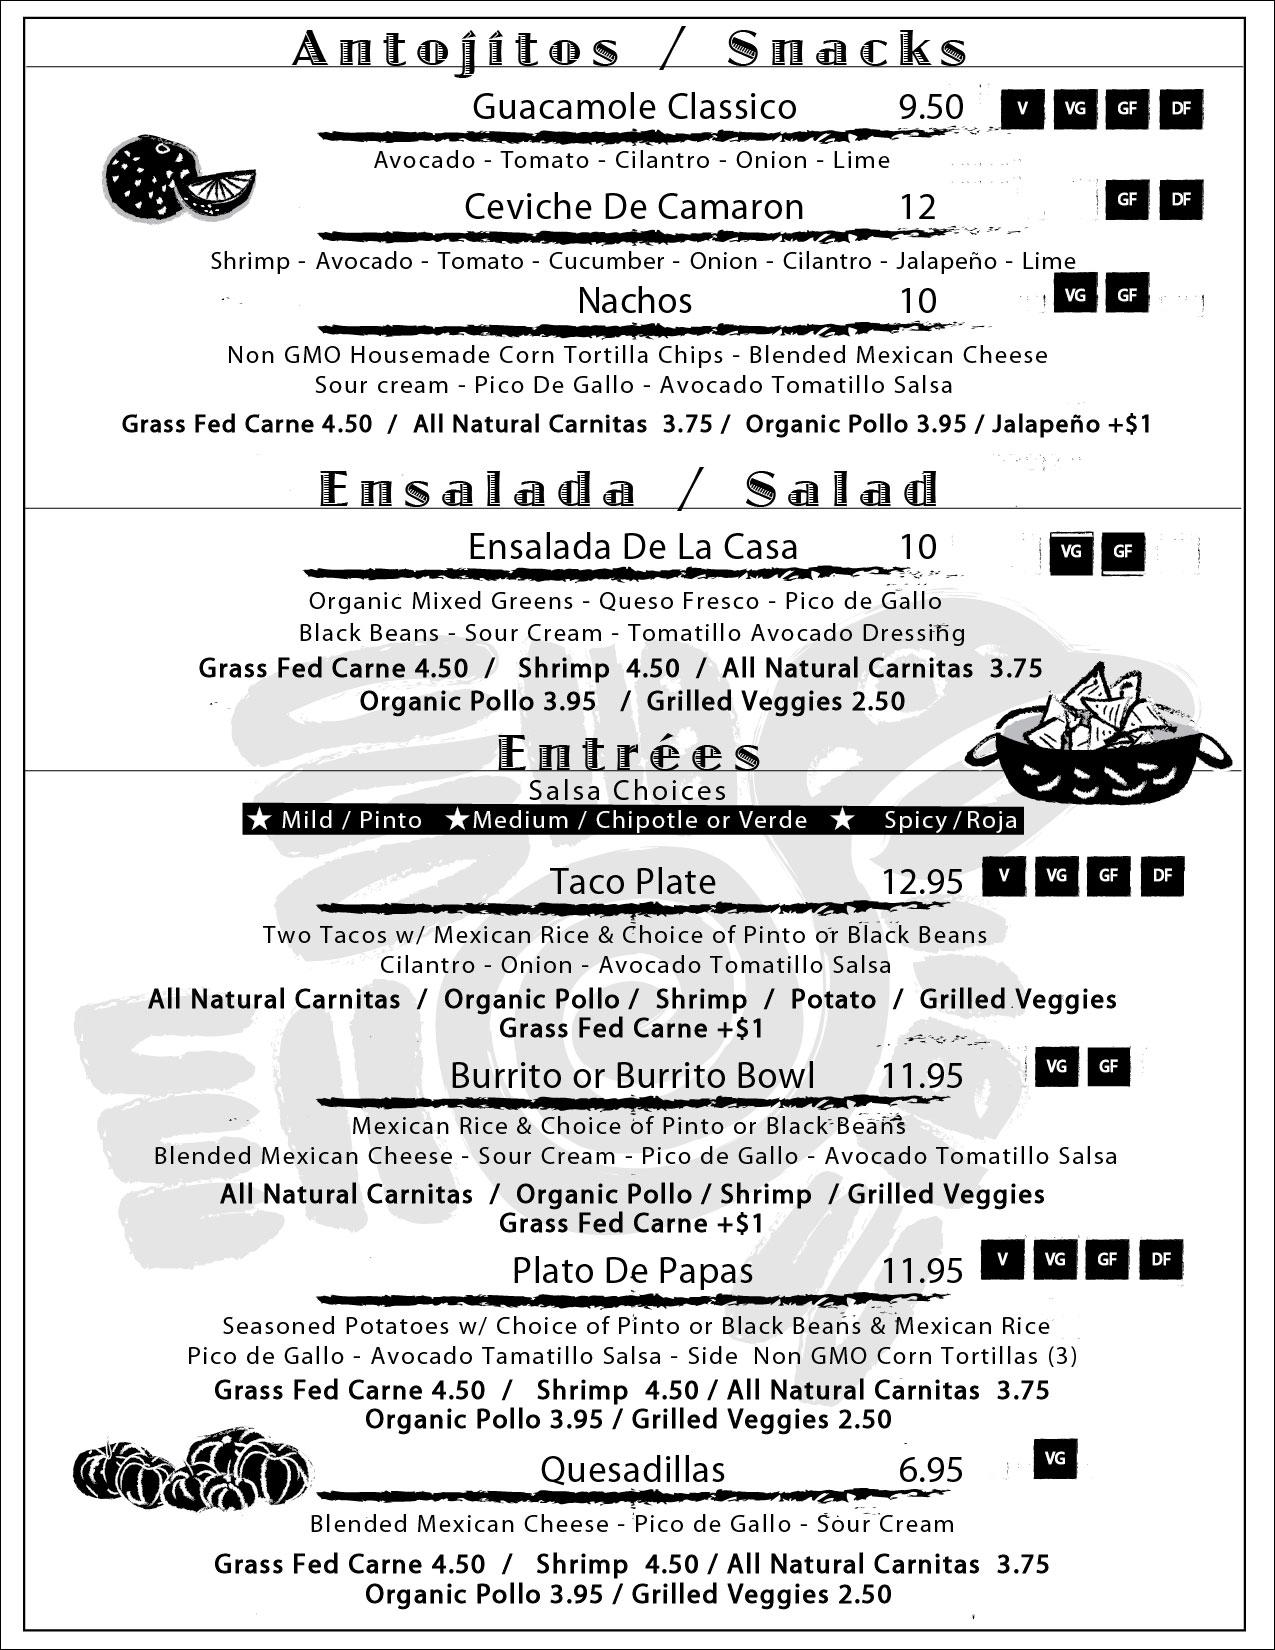 Menu - Apps/Salad/Entree